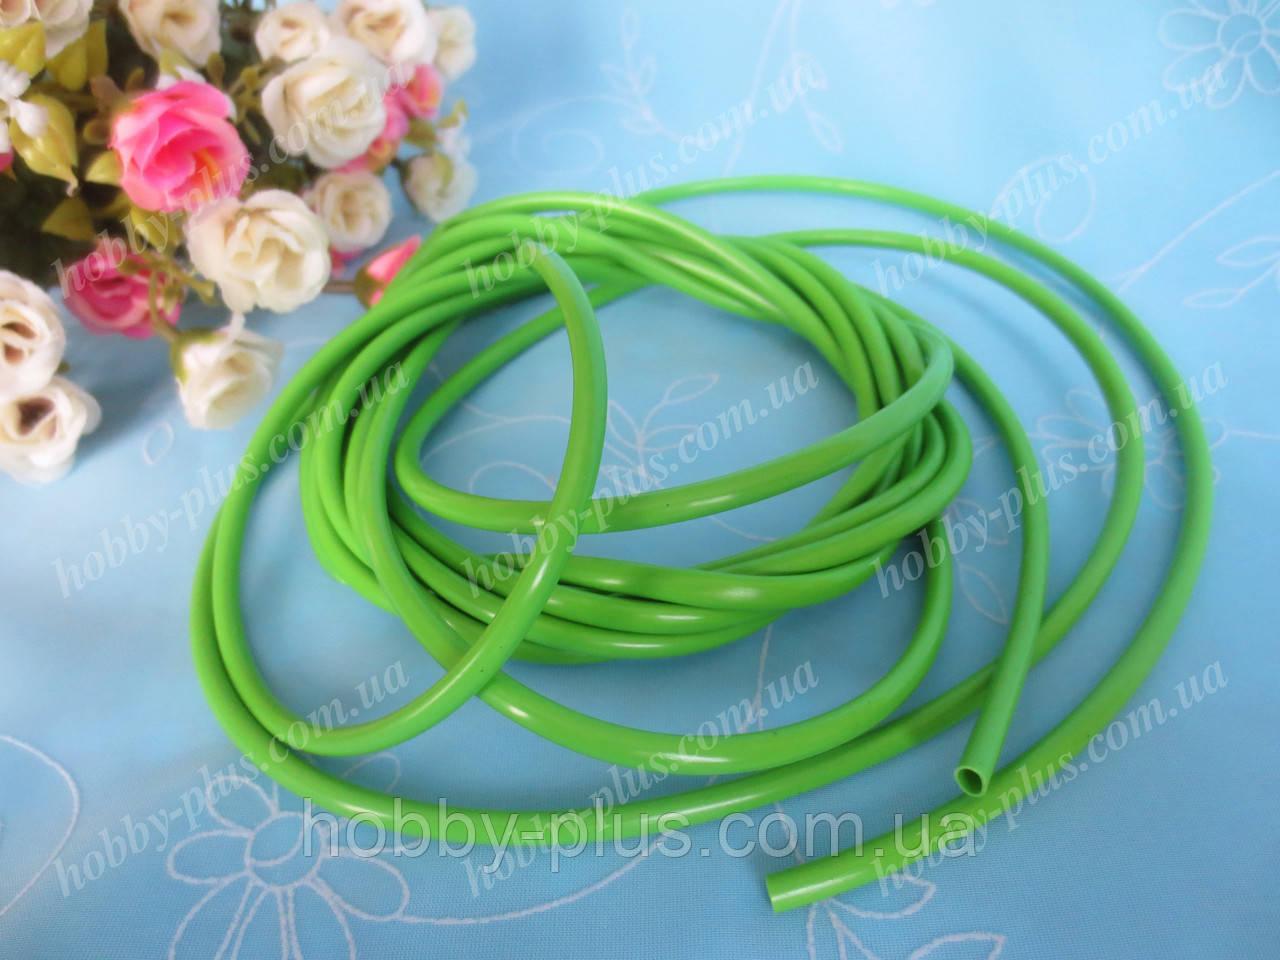 Флористический рукав, (стебель), цвет зеленый, 1 м, d 4 мм.